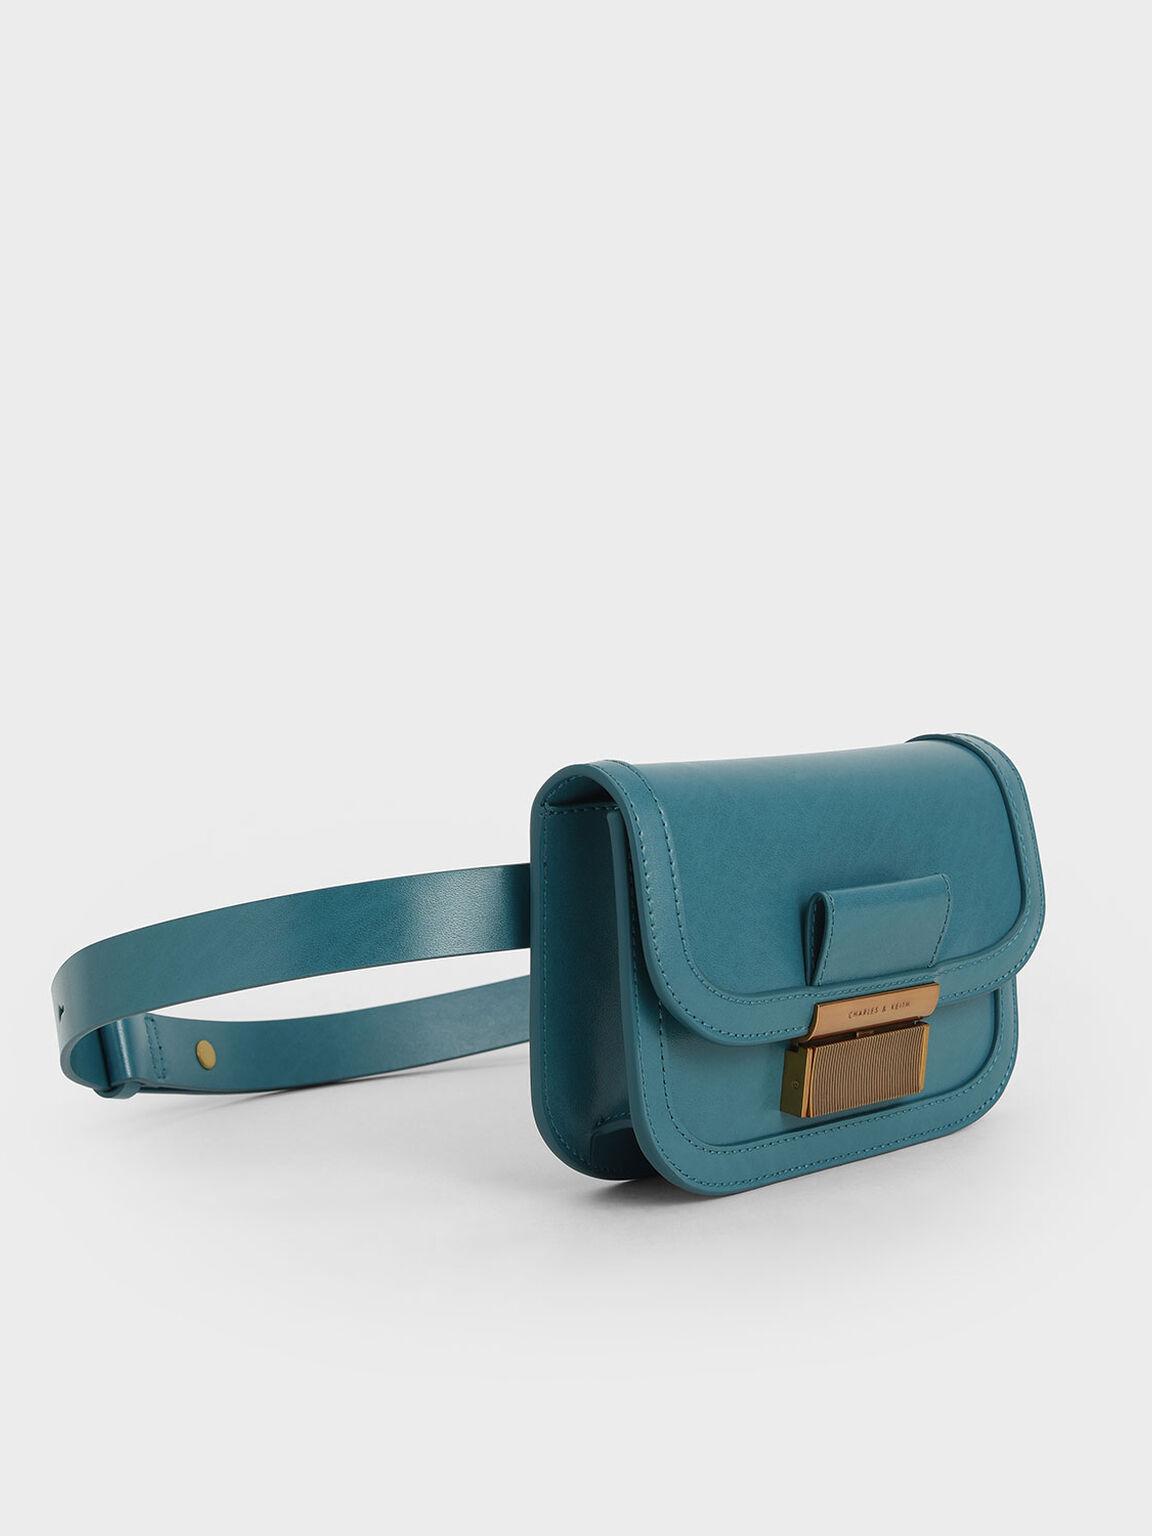 Metallic Push-Lock Front Flap Bag, Turquoise, hi-res